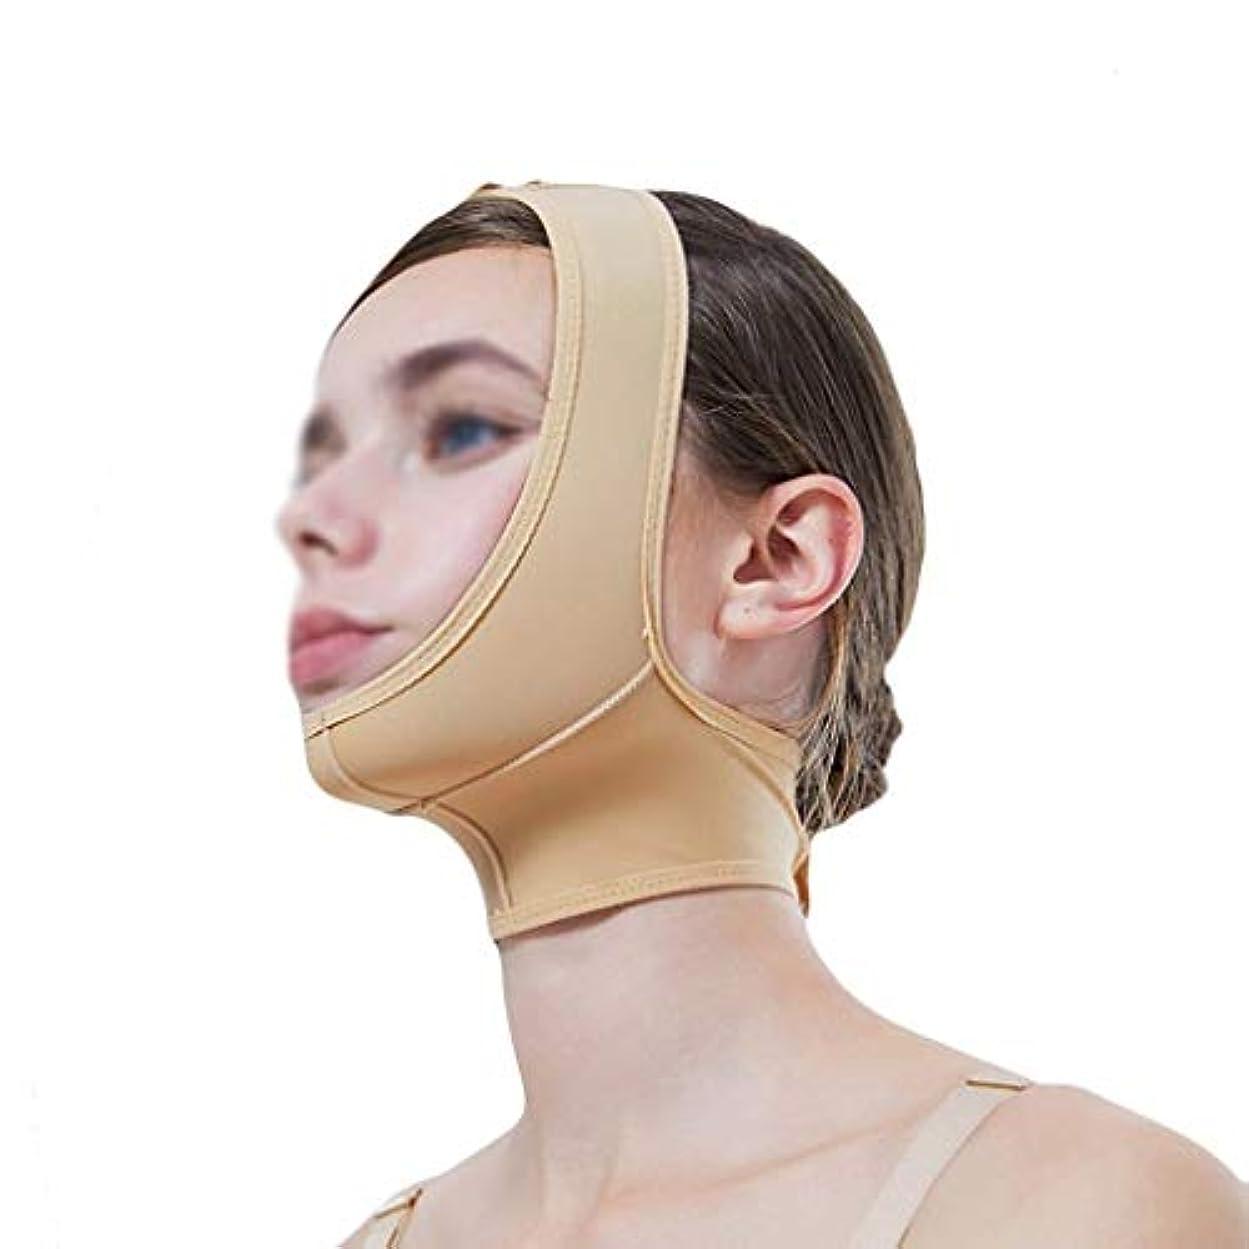 ボイド悪因子会話型マスク、超薄型ベルト、フェイスリフティングに適し、フェイスリフティング、通気性包帯、あご取りベルト、超薄型ベルト、通気性(サイズ:XL),L